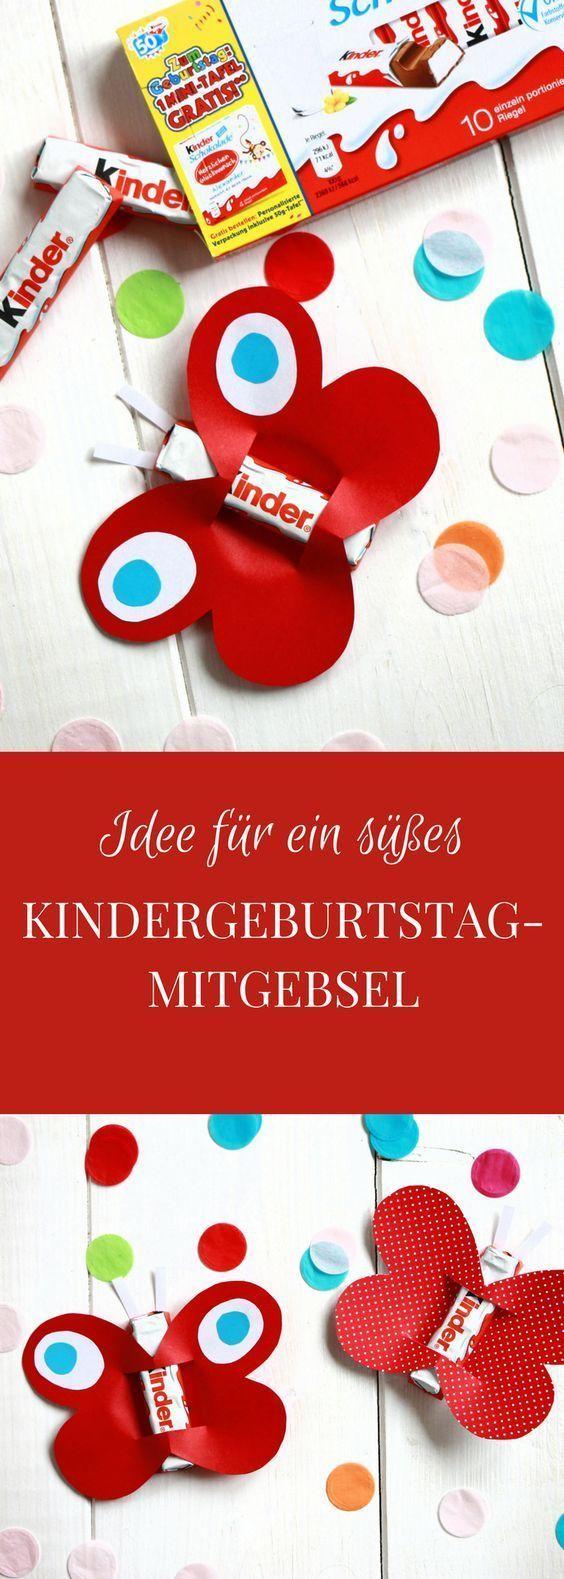 Anzeige: Kindergeburtstag feiern: Ideen für eine Kindergeburtstag-Einladungskarte und ein Kindergeburtstag-Mitgebsel mit Ferrero kinder Schokolade - Lavendelblog